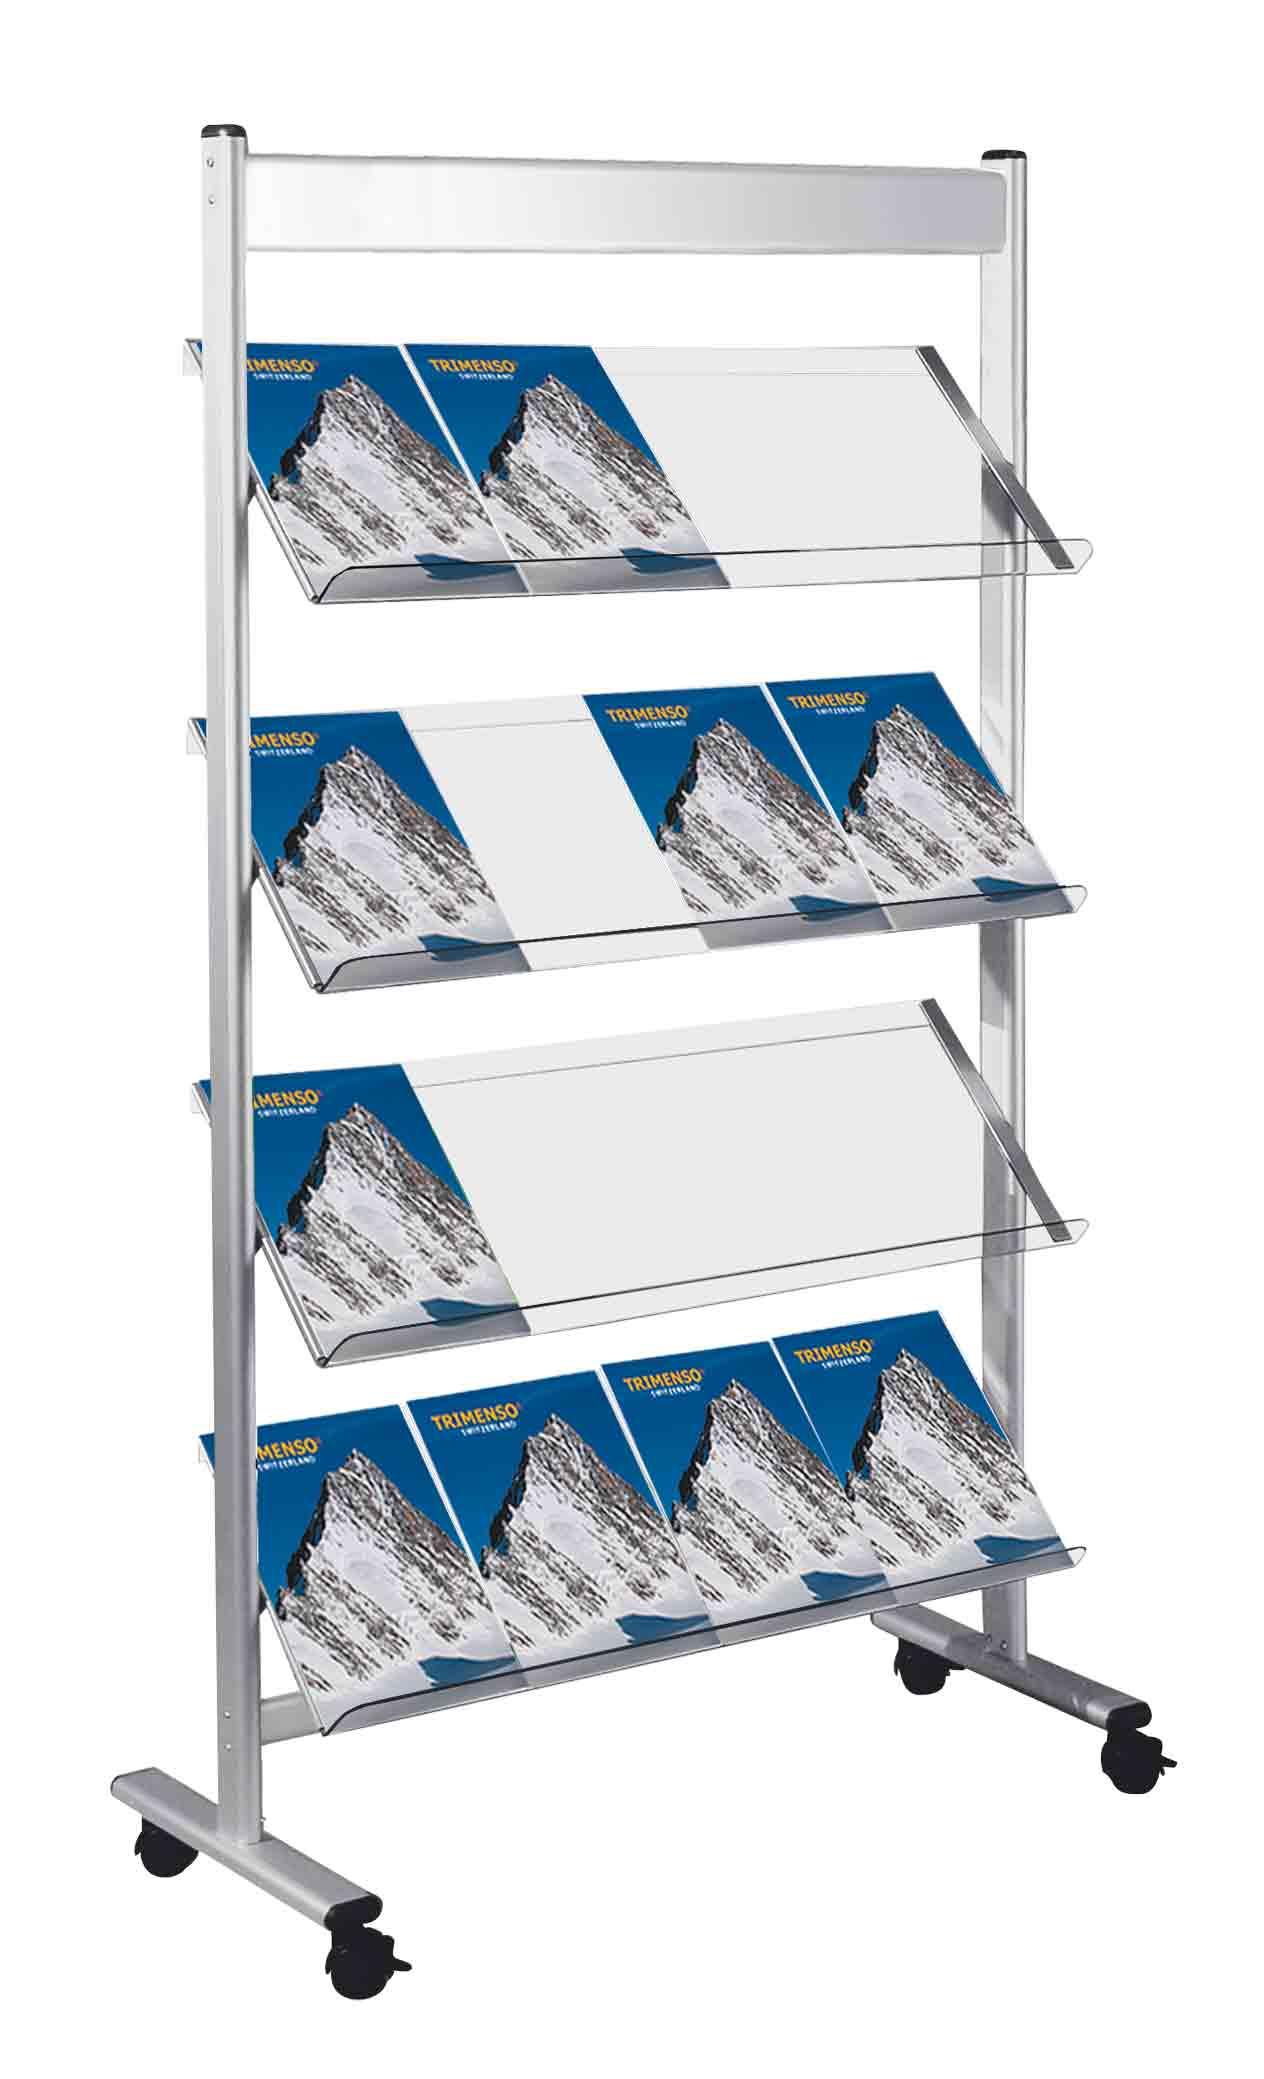 Prospektregal 16 x A4 fahrbar mit arretierbaren Gelenkrollen. Prospektfachboden acryl transparent.